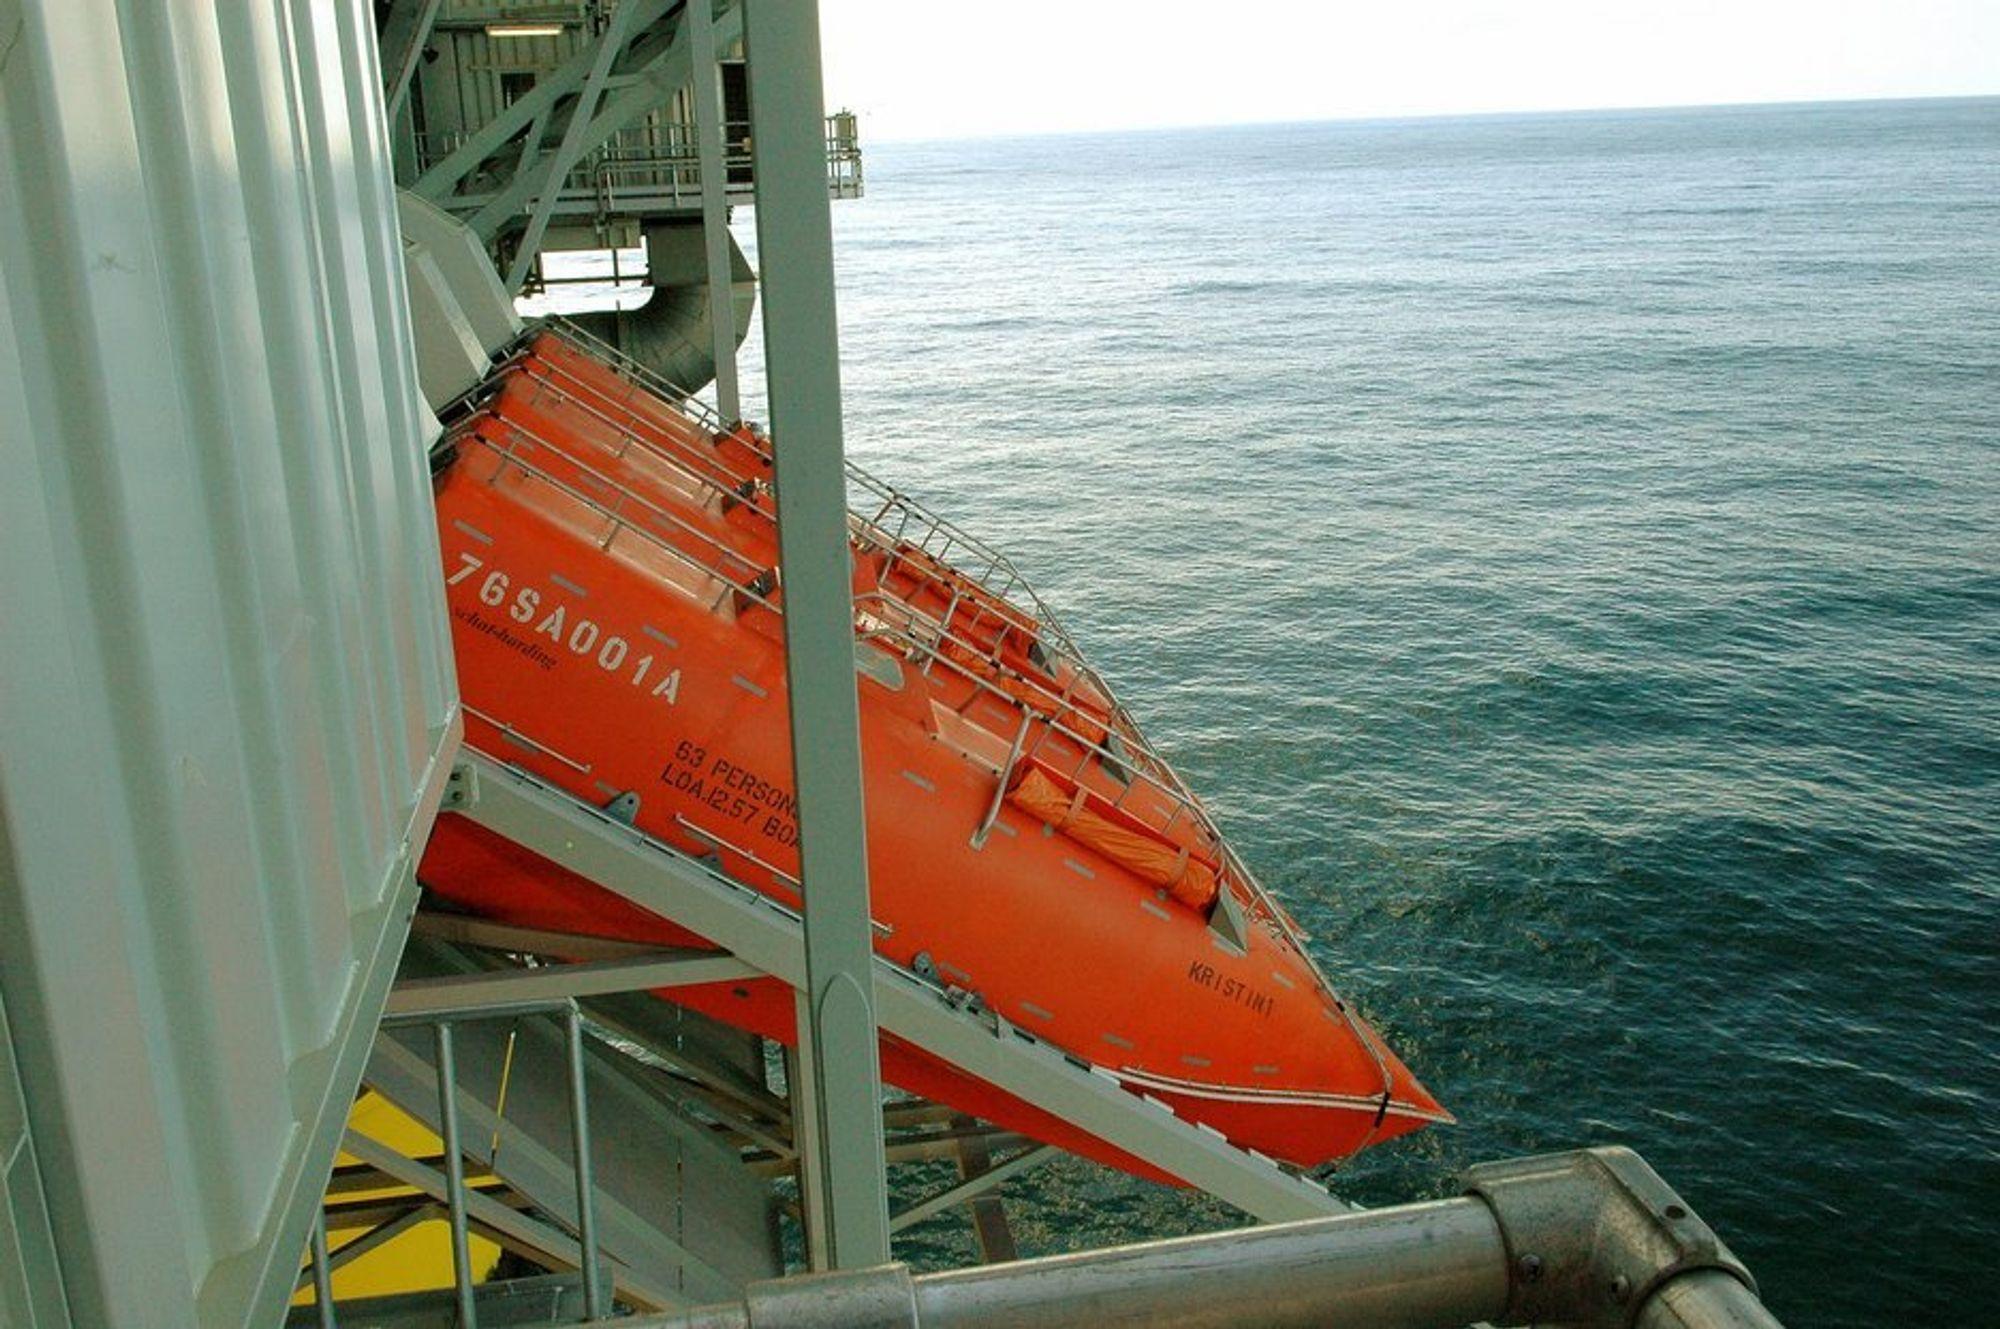 FEIL PÅ FEIL: Utløsermekanismen på disse livbåtene var ikke i henhold til offshore-regelverket.  Liv kunne gått tapt dersom utløsermekanismen ikke virker.